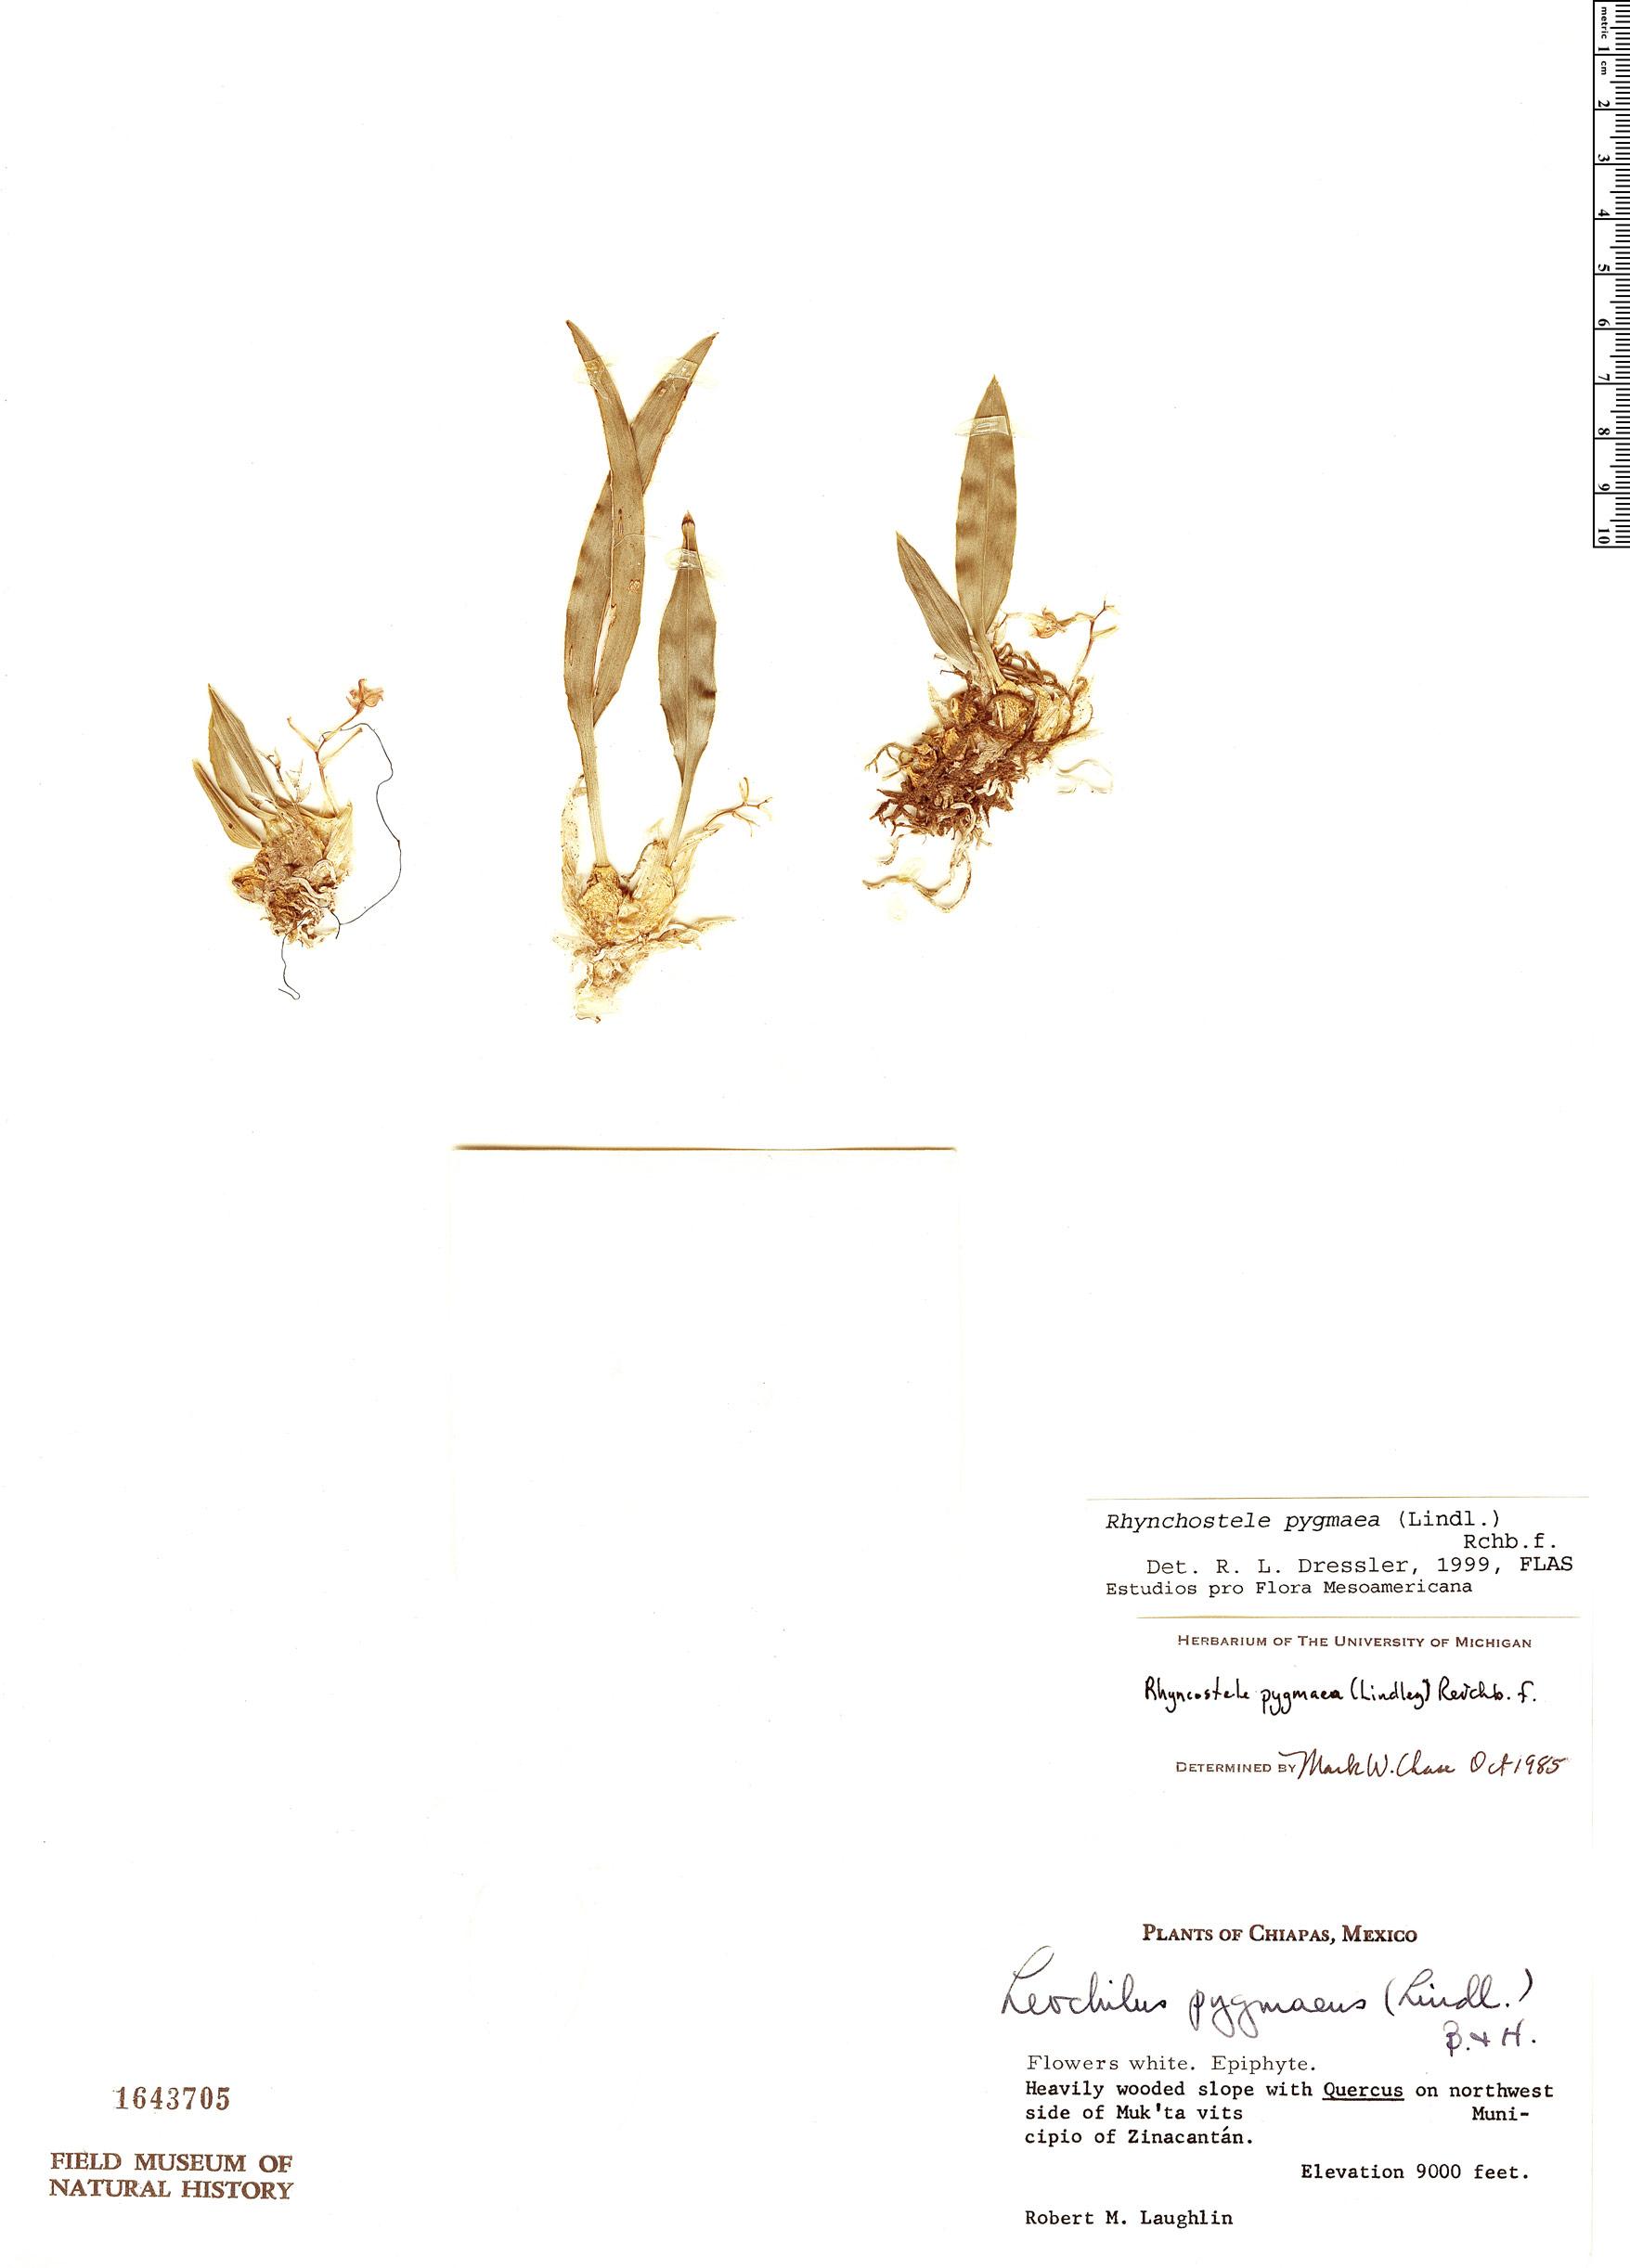 Specimen: Rhynchostele pygmaea